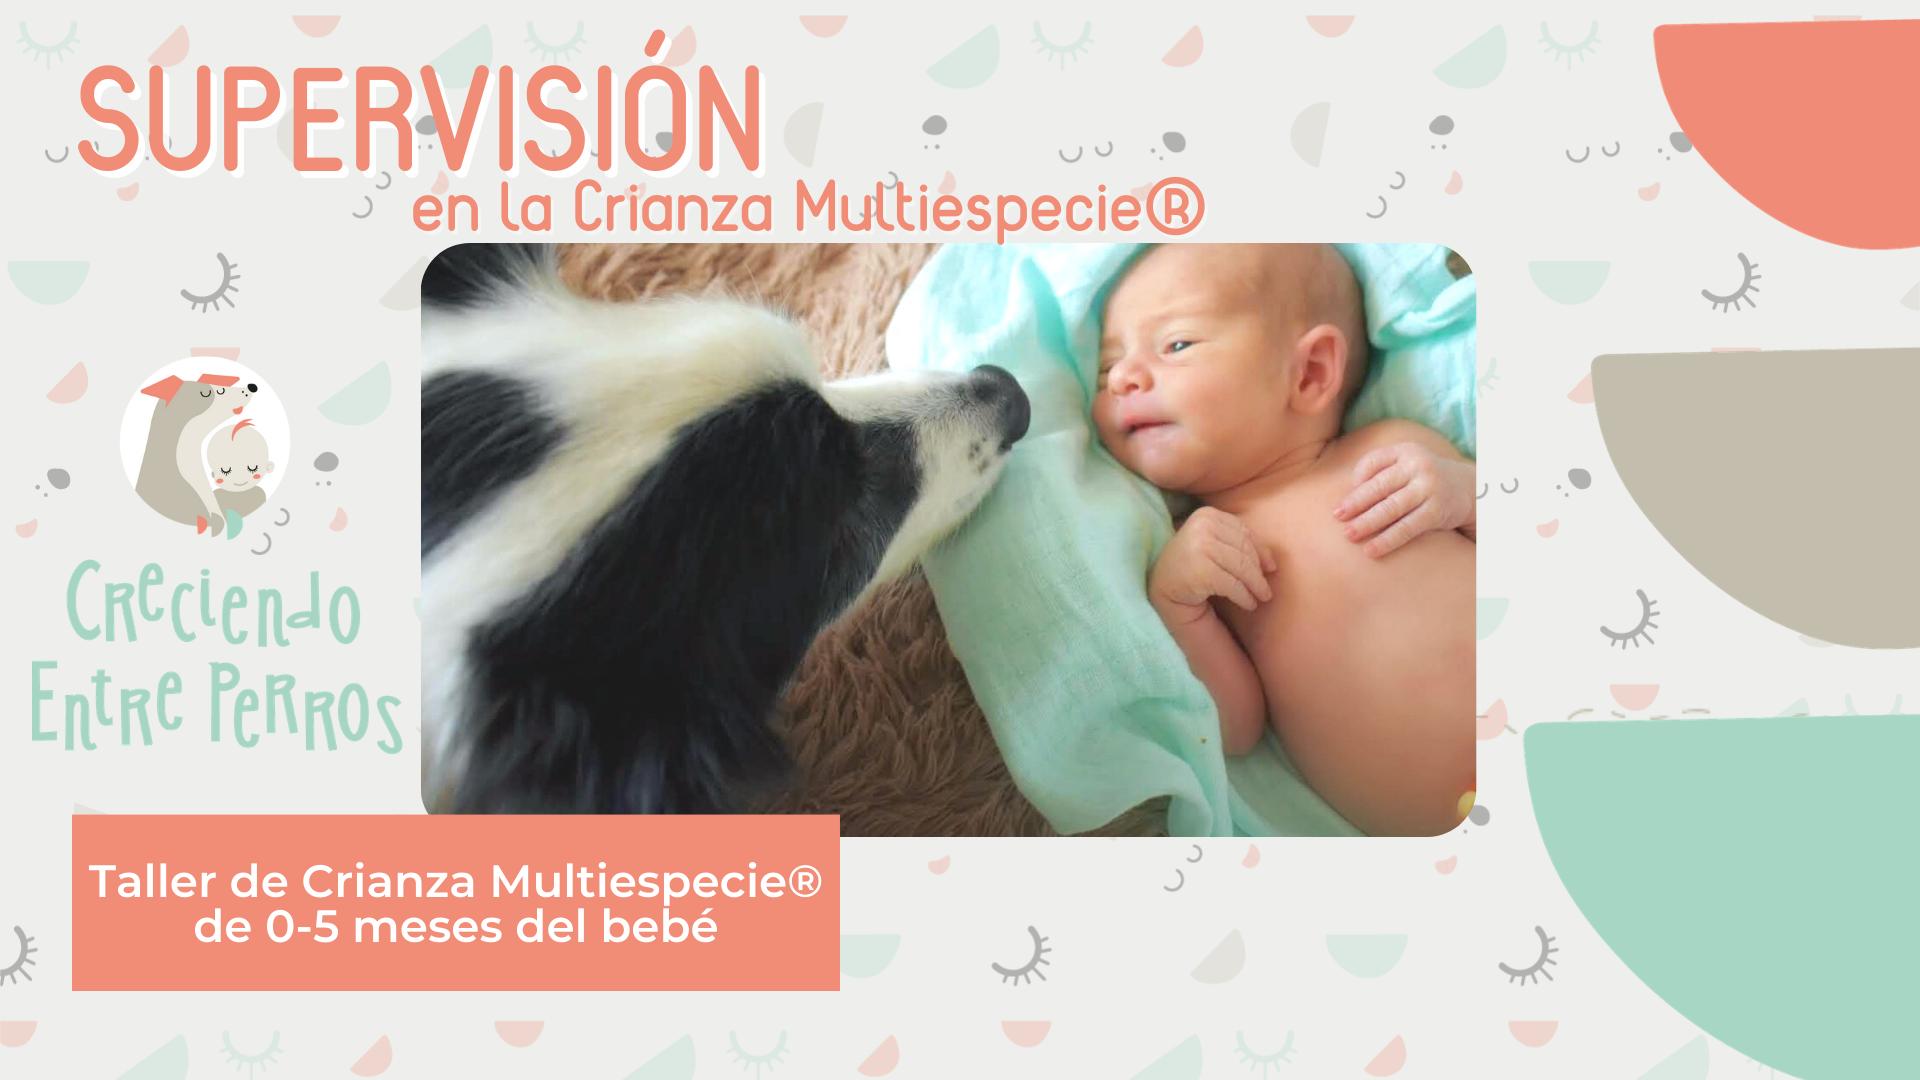 convivencia perros y bebés niños recien nacidos creciendo entre perros crianza multiespecie